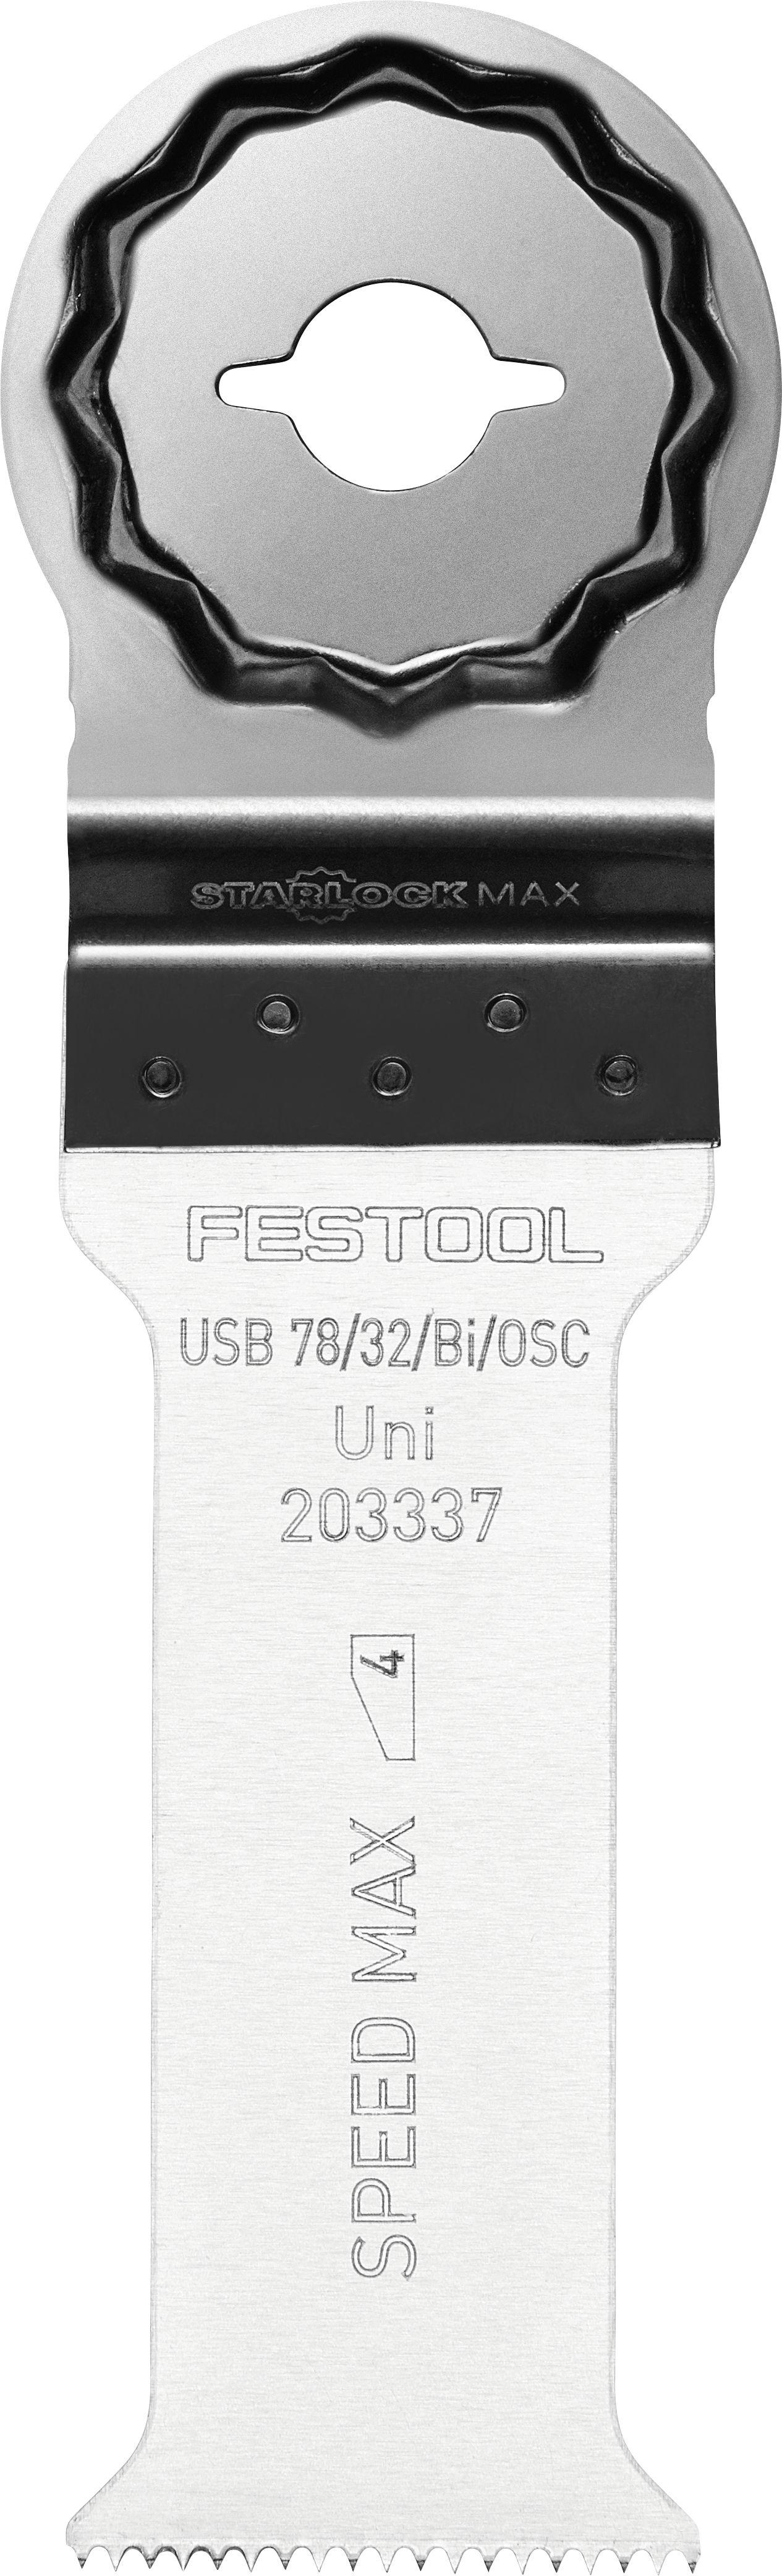 Festool Fjölsagarblað alhliða USB 78/32/Bi/OSC/5 203337